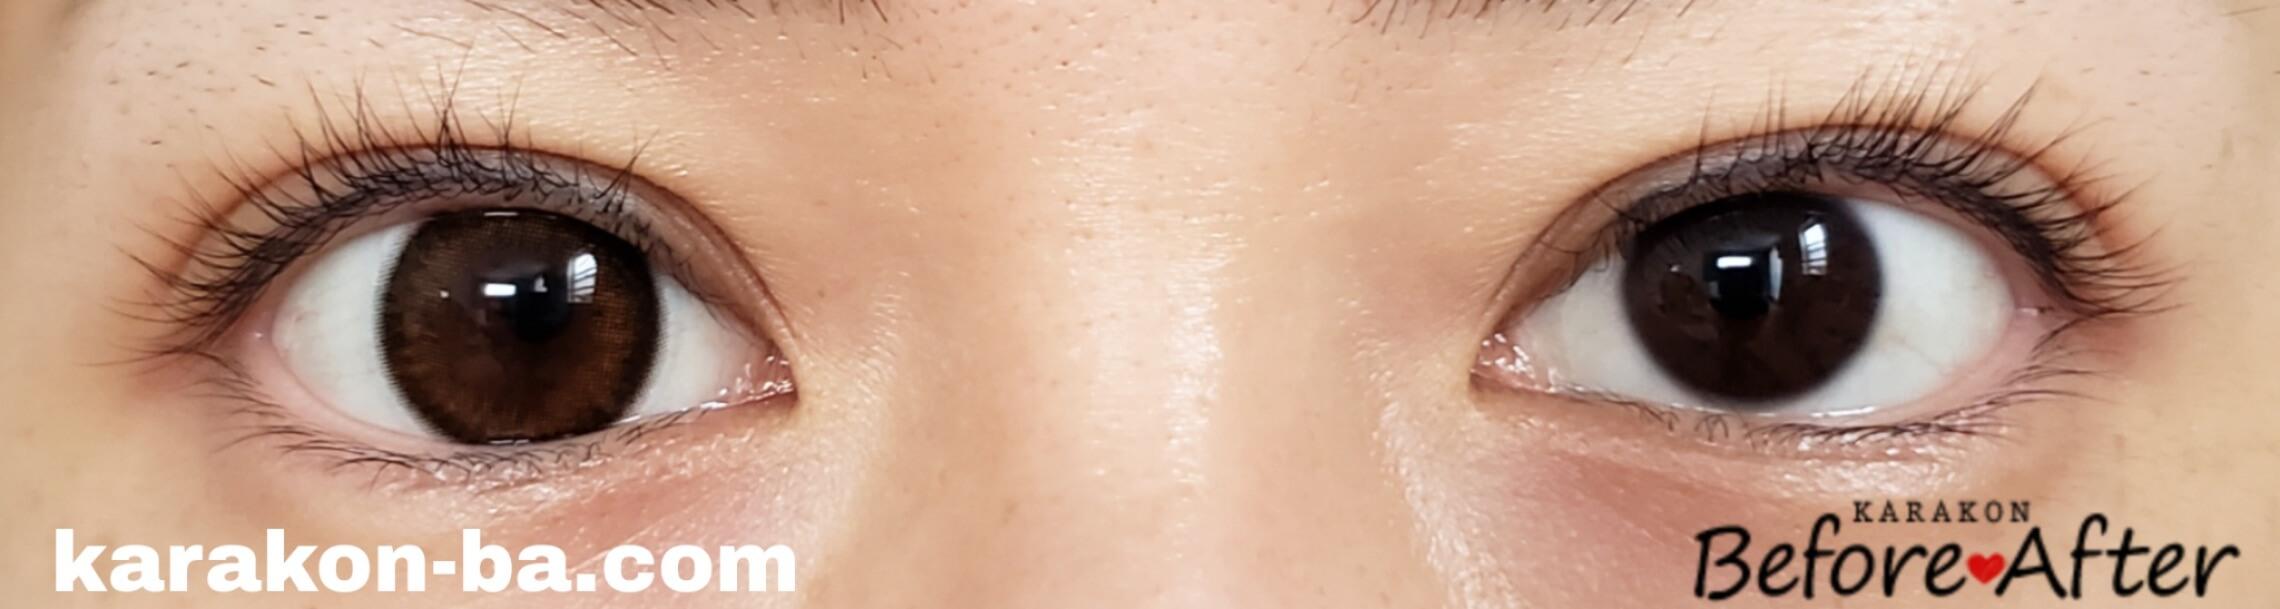 シマーブラウンのカラコン装着画像/裸眼と比較